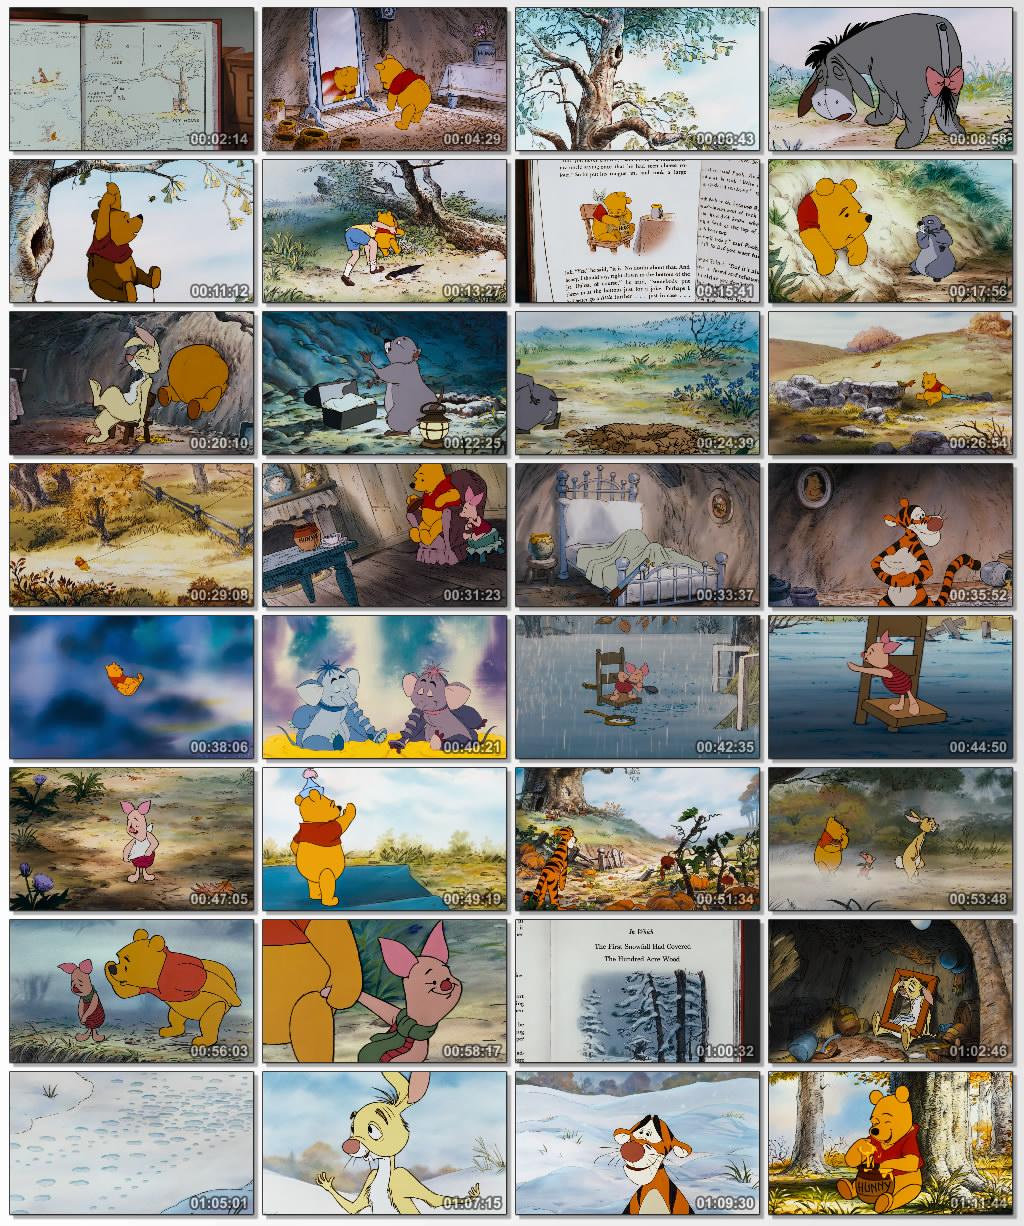 دانلود انیمیشن کارتونی The Many Adventures of Winnie the Pooh 1977